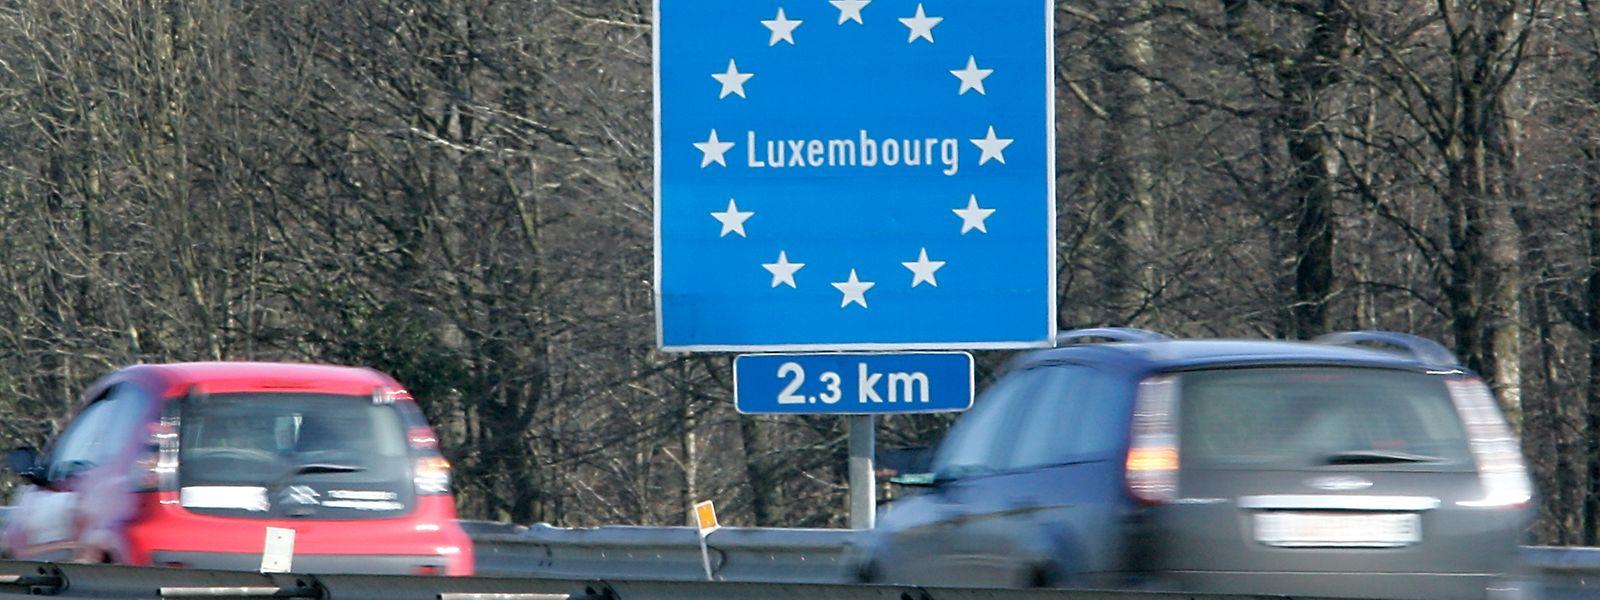 Mit rund 190.000 Pendlern aus den benachbarten Regionen wäre der Reformversuch der EU-Kommission für Luxemburg eine besondere Herausforderung geworden.